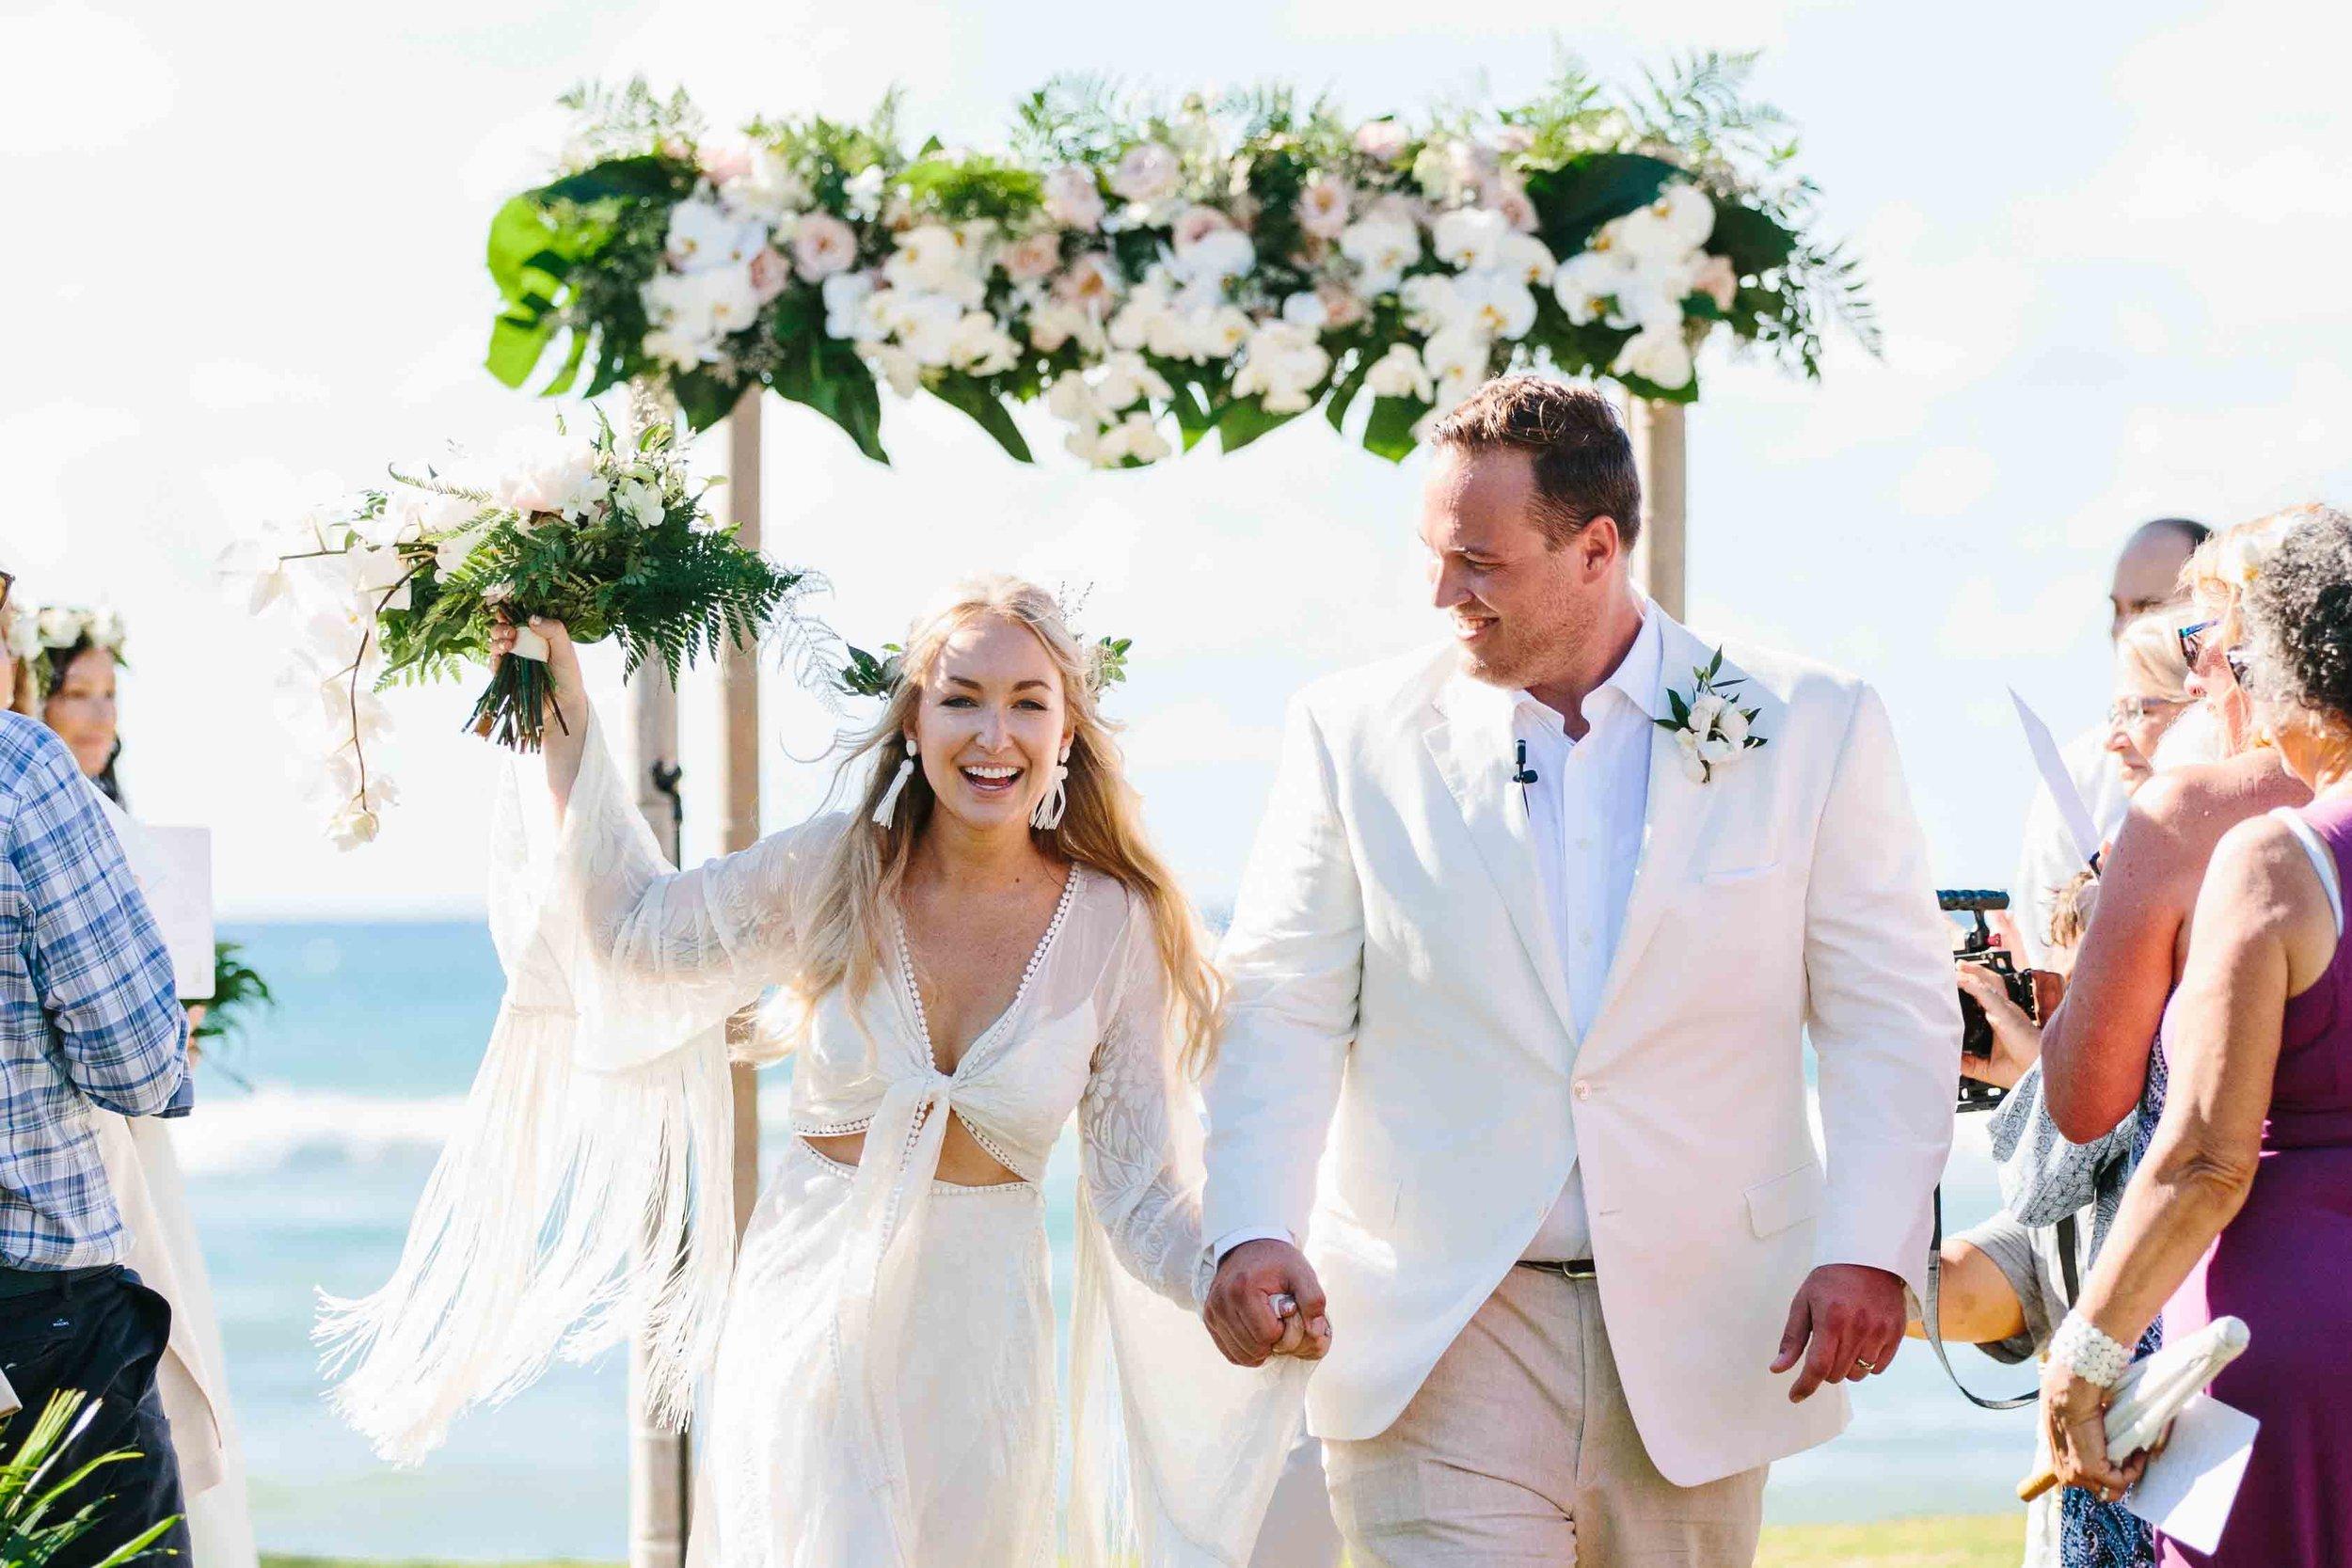 Bride & Groom Exiting Wedding Ceremony